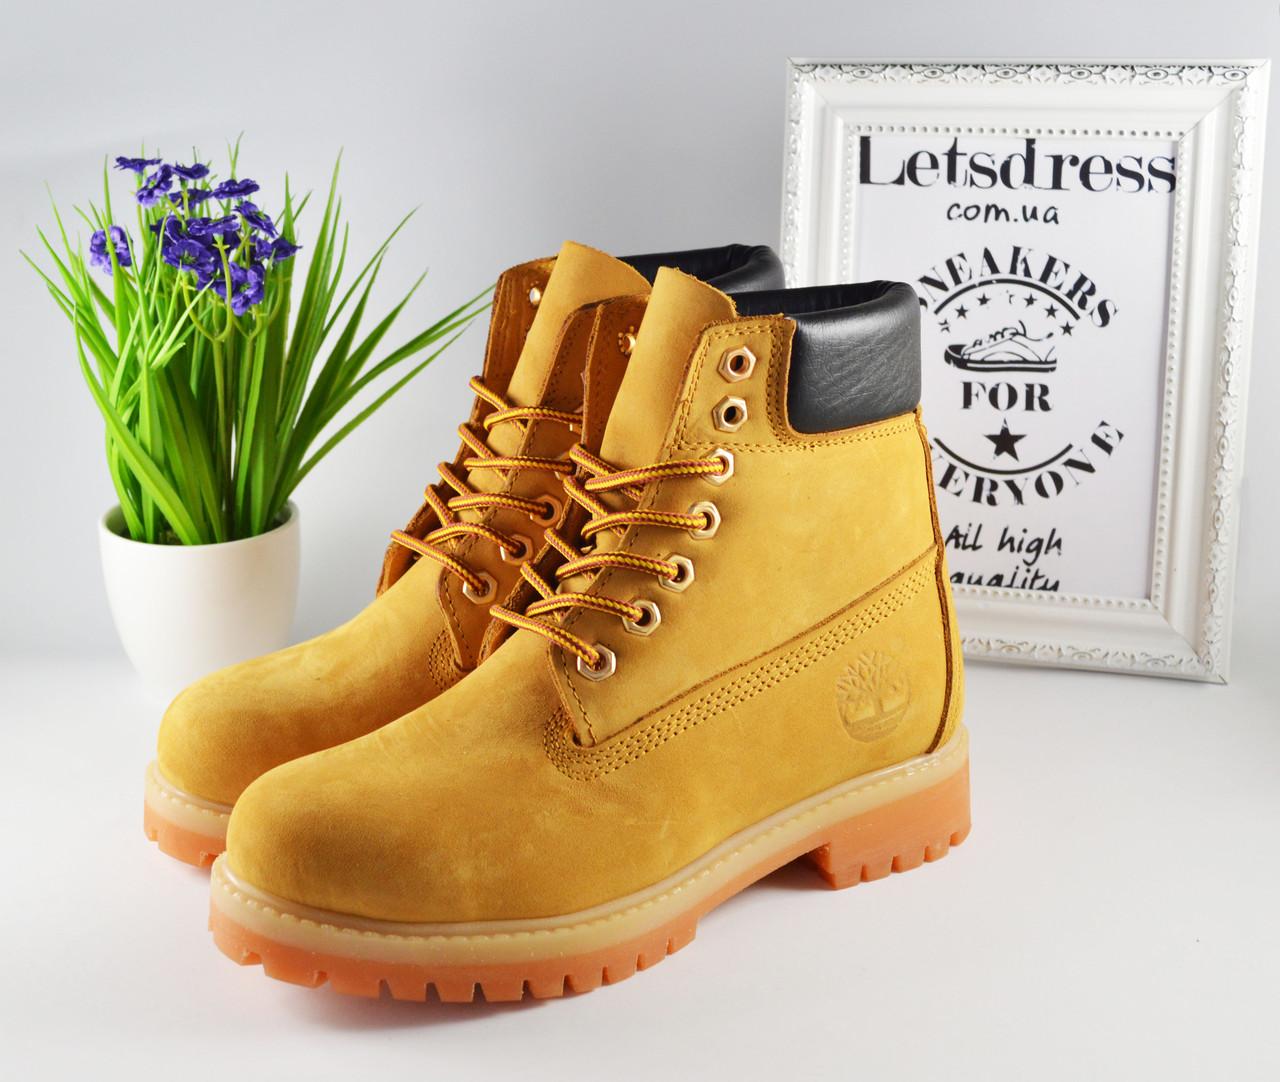 96309a8742ab Купить Женские ботинки Timberland кожаные Тимберленд желтые, бежевые ...